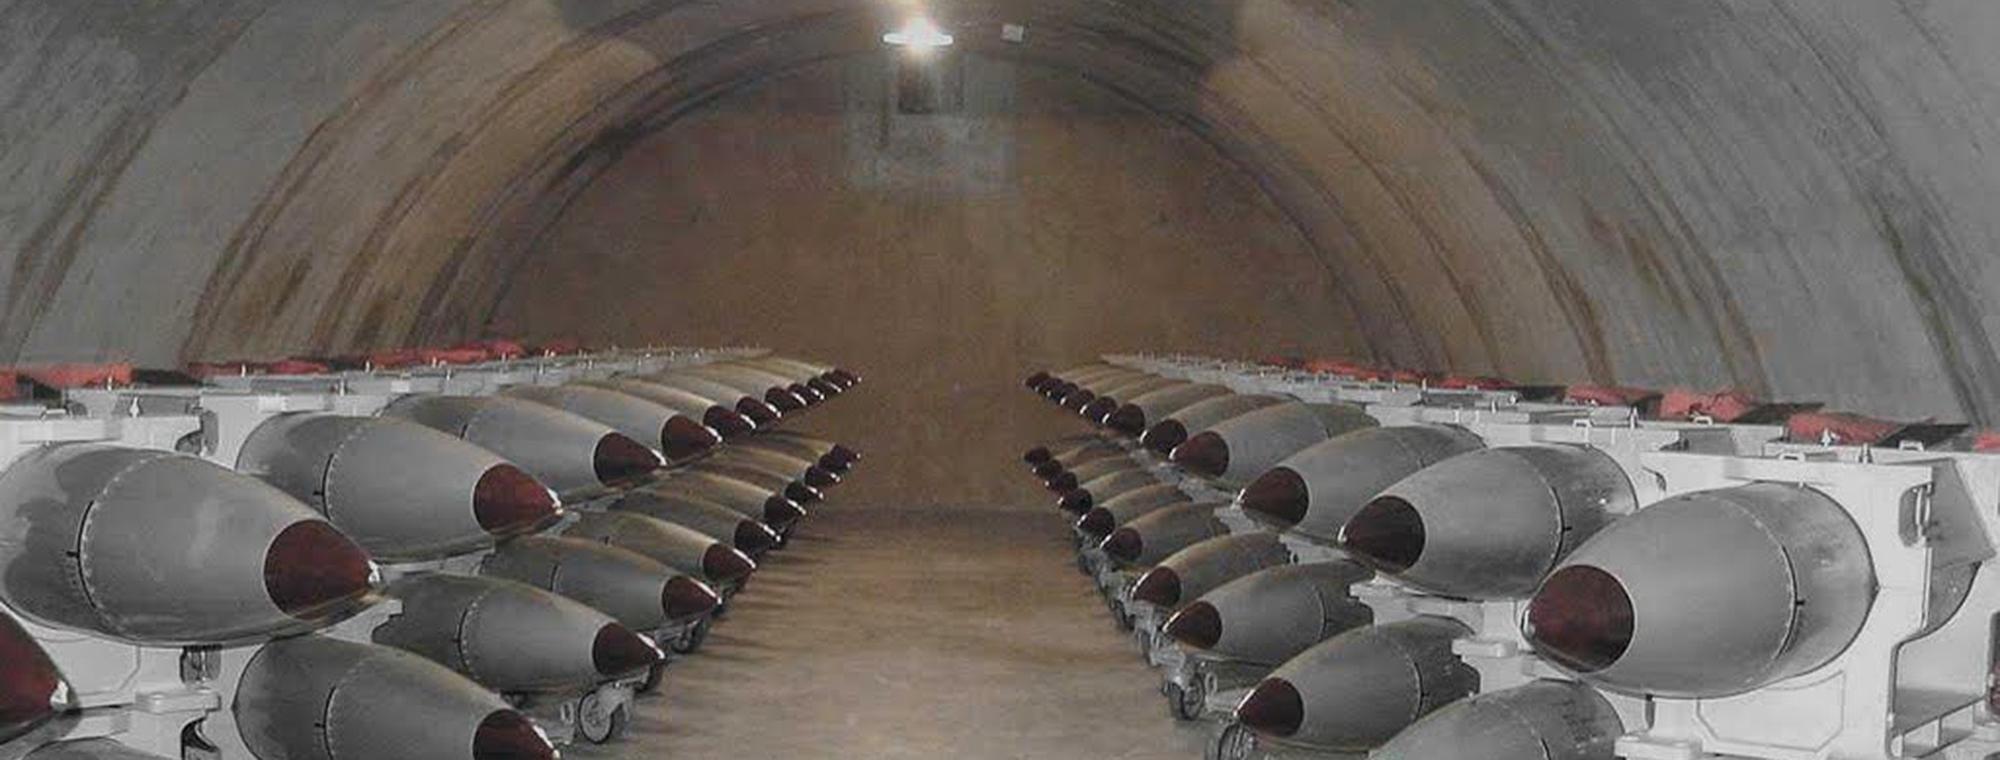 Склад артиллерийских боеприпасов с ядерным зарядом